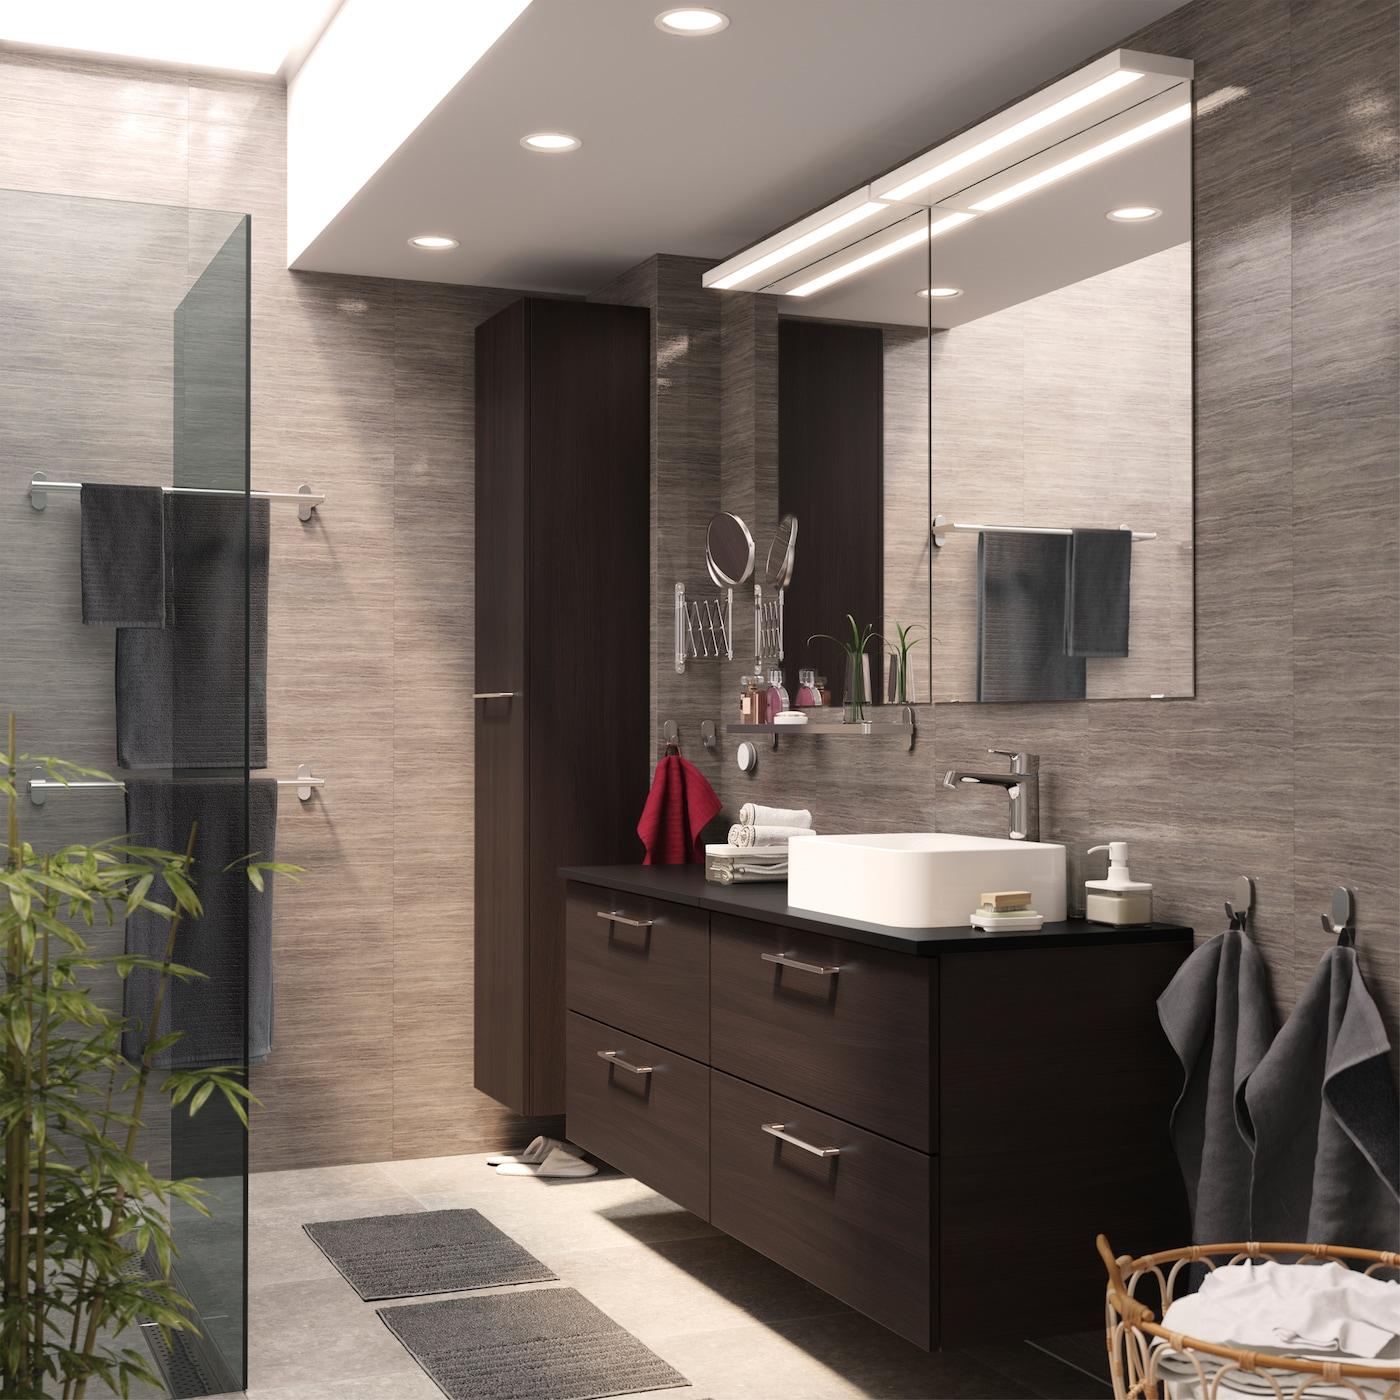 Smart bathroom storage ideas  Bathroom storage ideas - IKEA